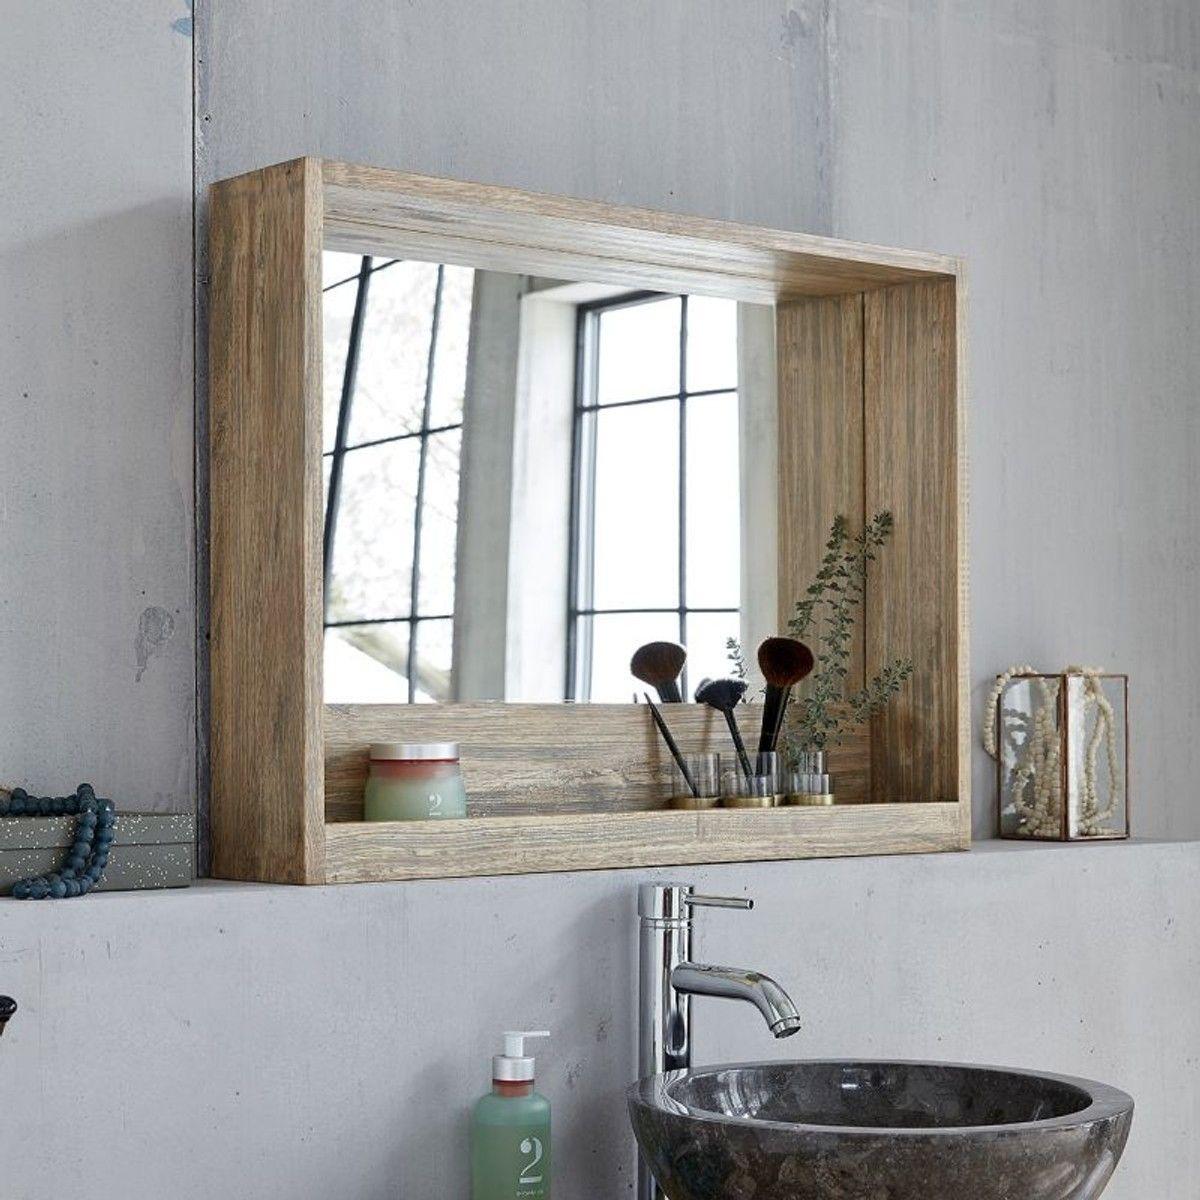 Miroir Avec Rangement En Bois D Hevea 80 Salle De Bain Bois Rangement Bois Miroir De Salle De Bain